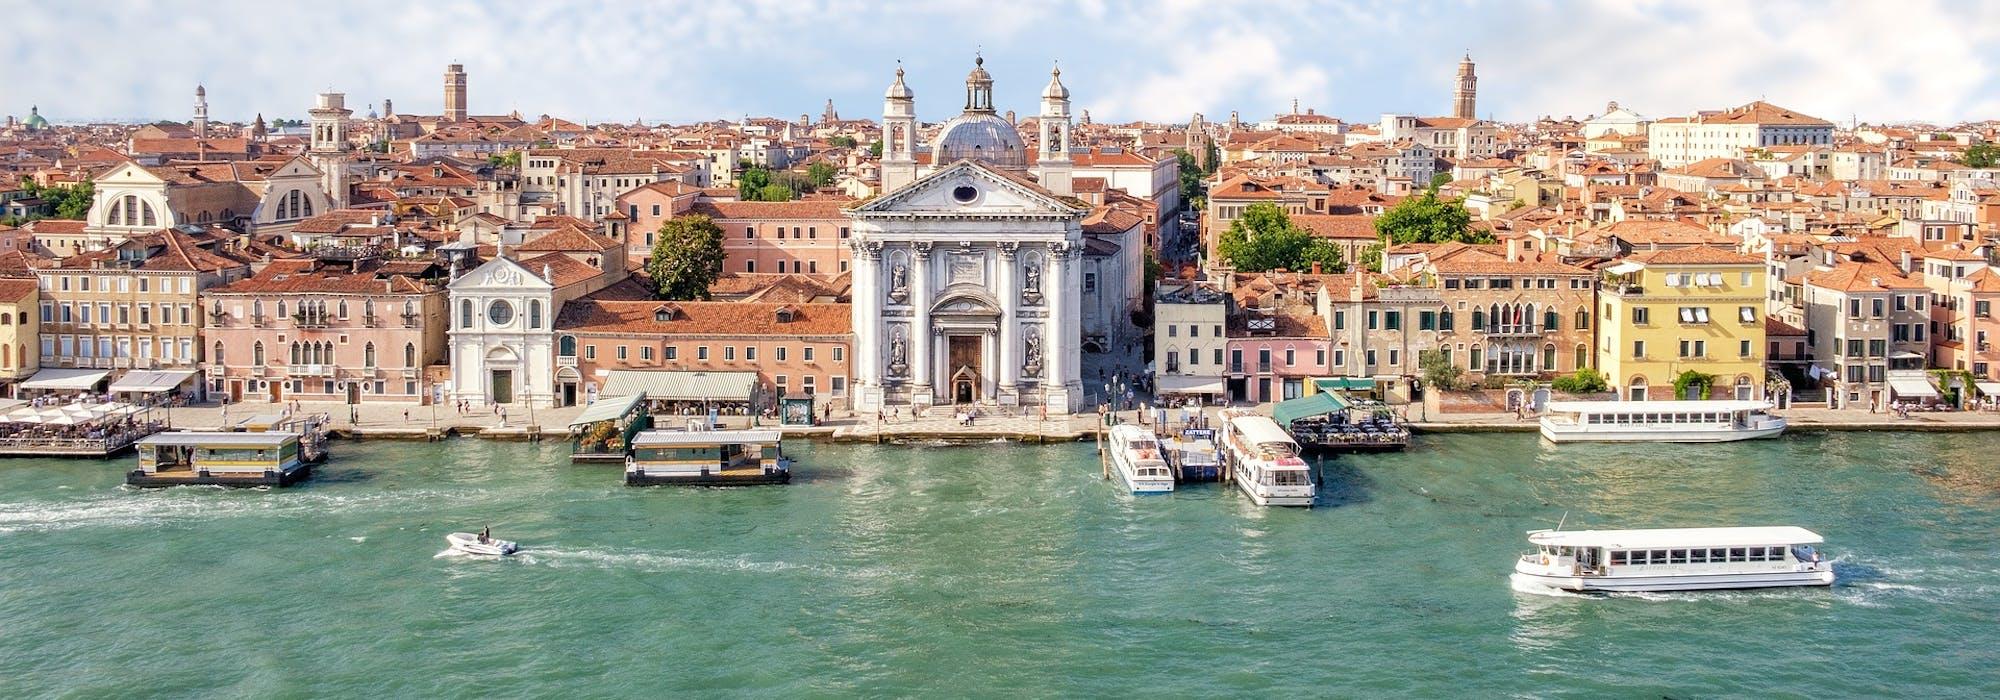 Bild på Venedig med det ljusgröna havet i framkant och byggnader i bakgrunden.